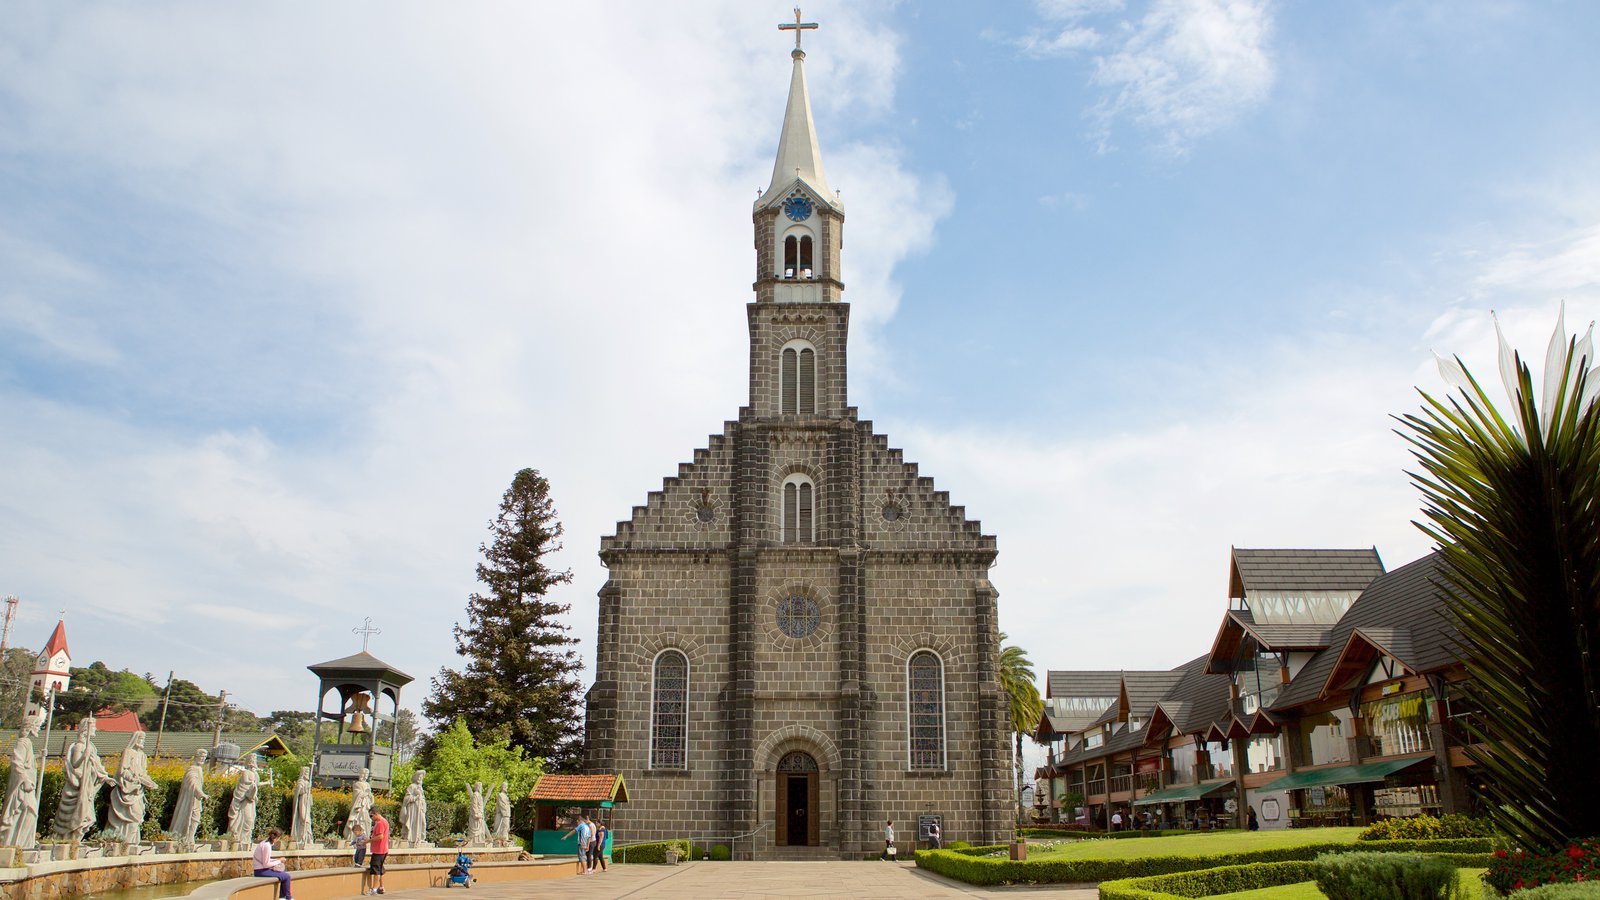 Paróquia de São Pedro Apóstolo mostrando uma igreja ou catedral